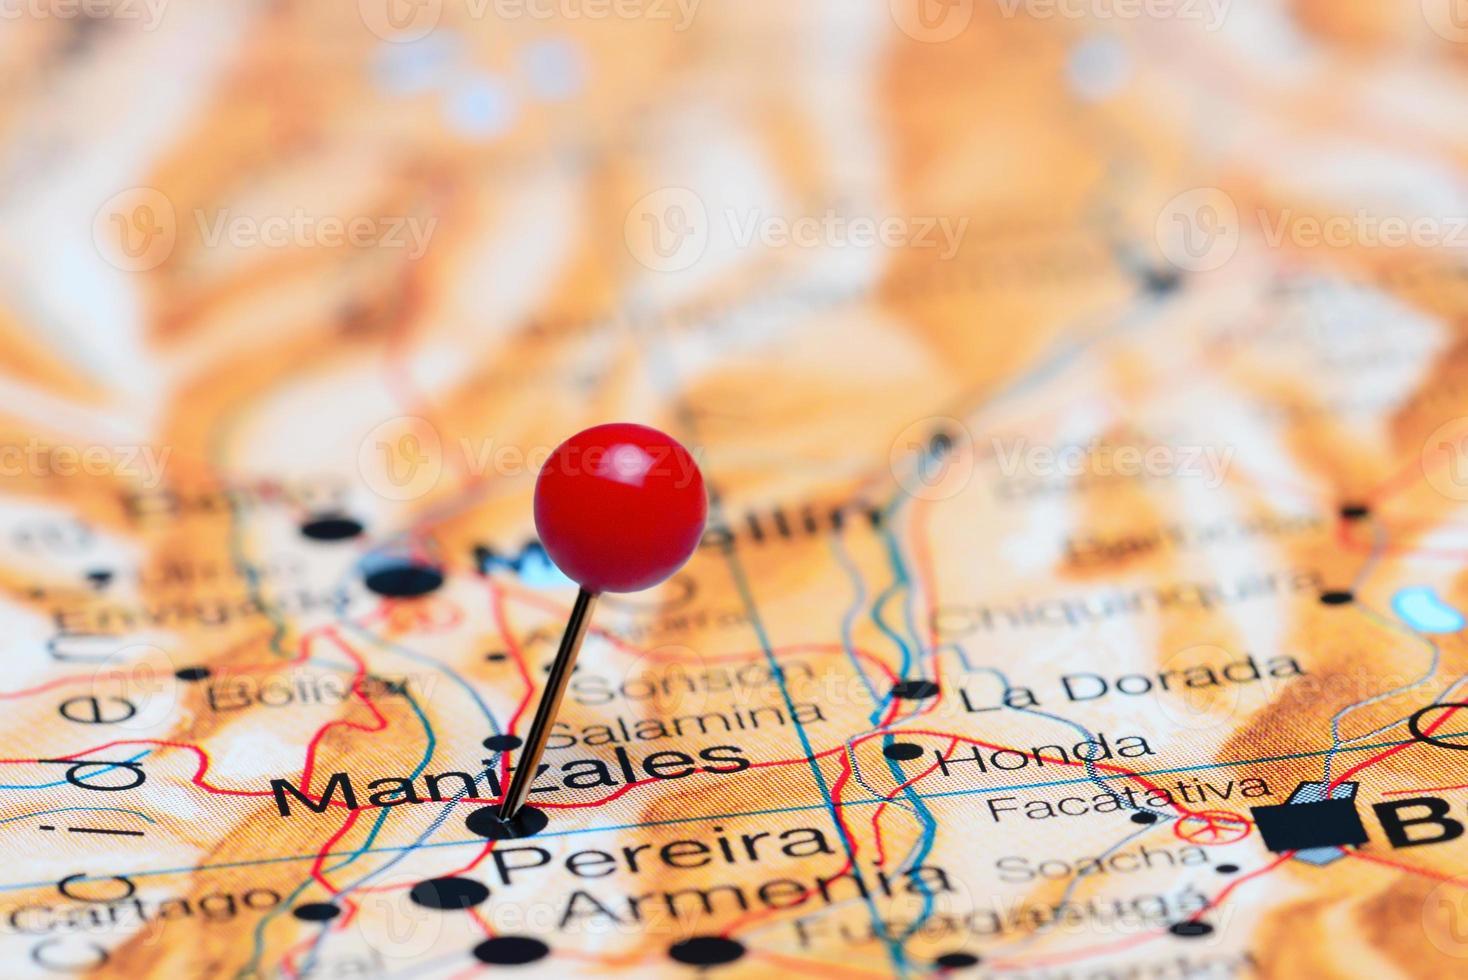 manizales vastgemaakt op een kaart van Amerika foto